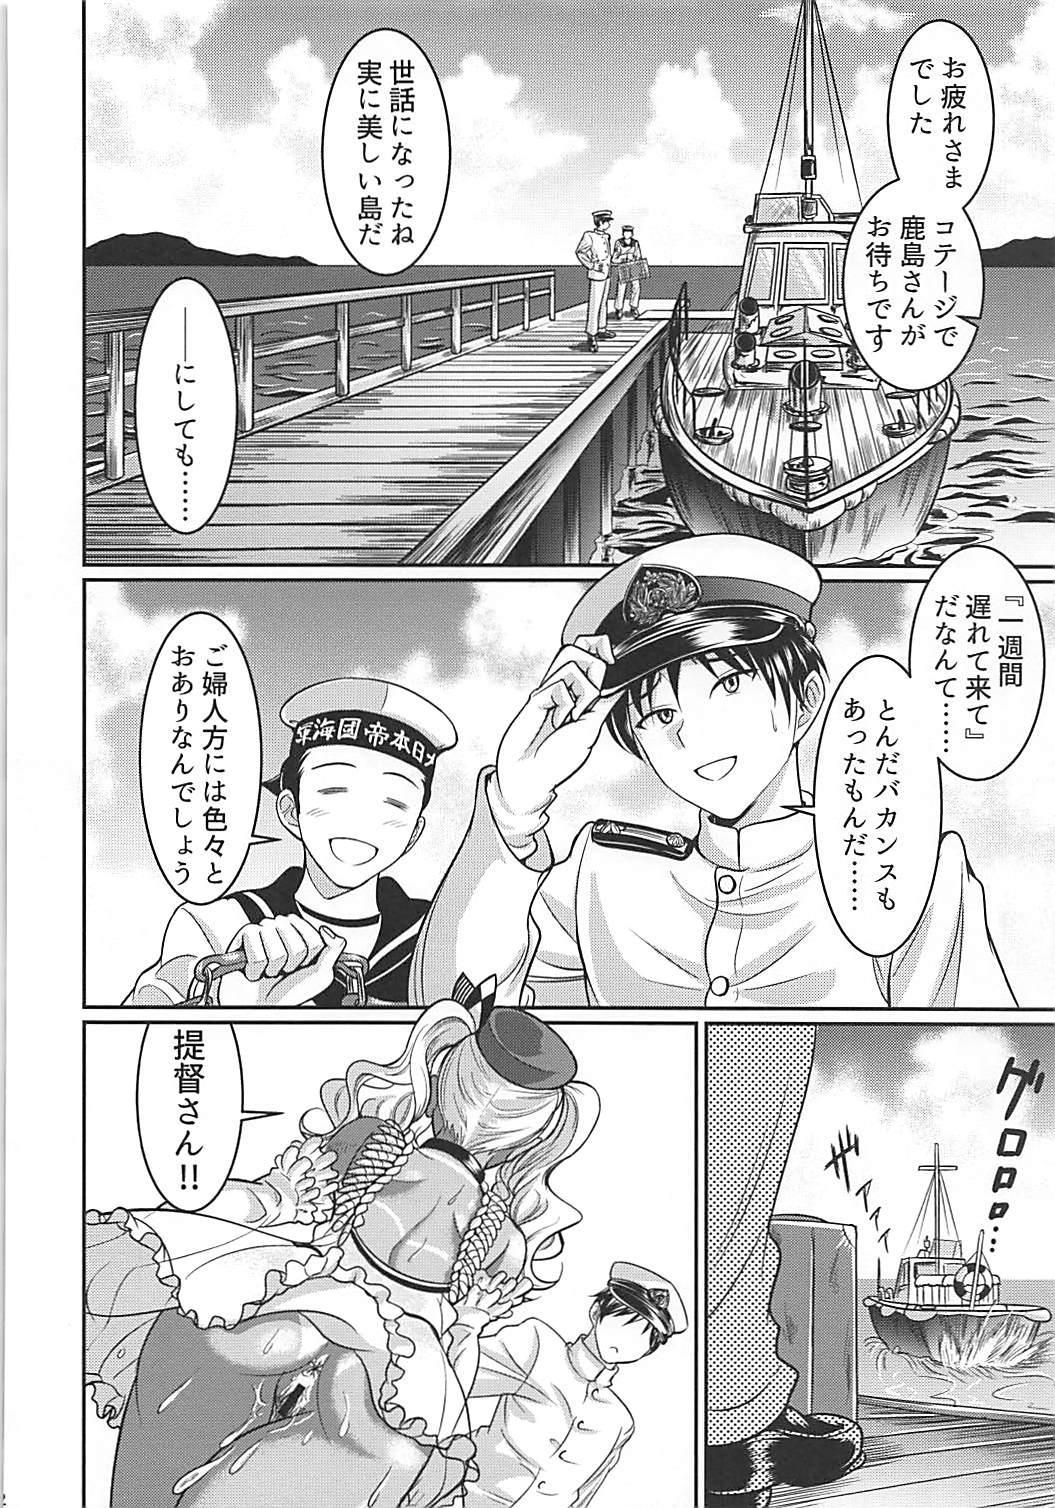 Minami no Shima de Kashima-san to Pakopako 2